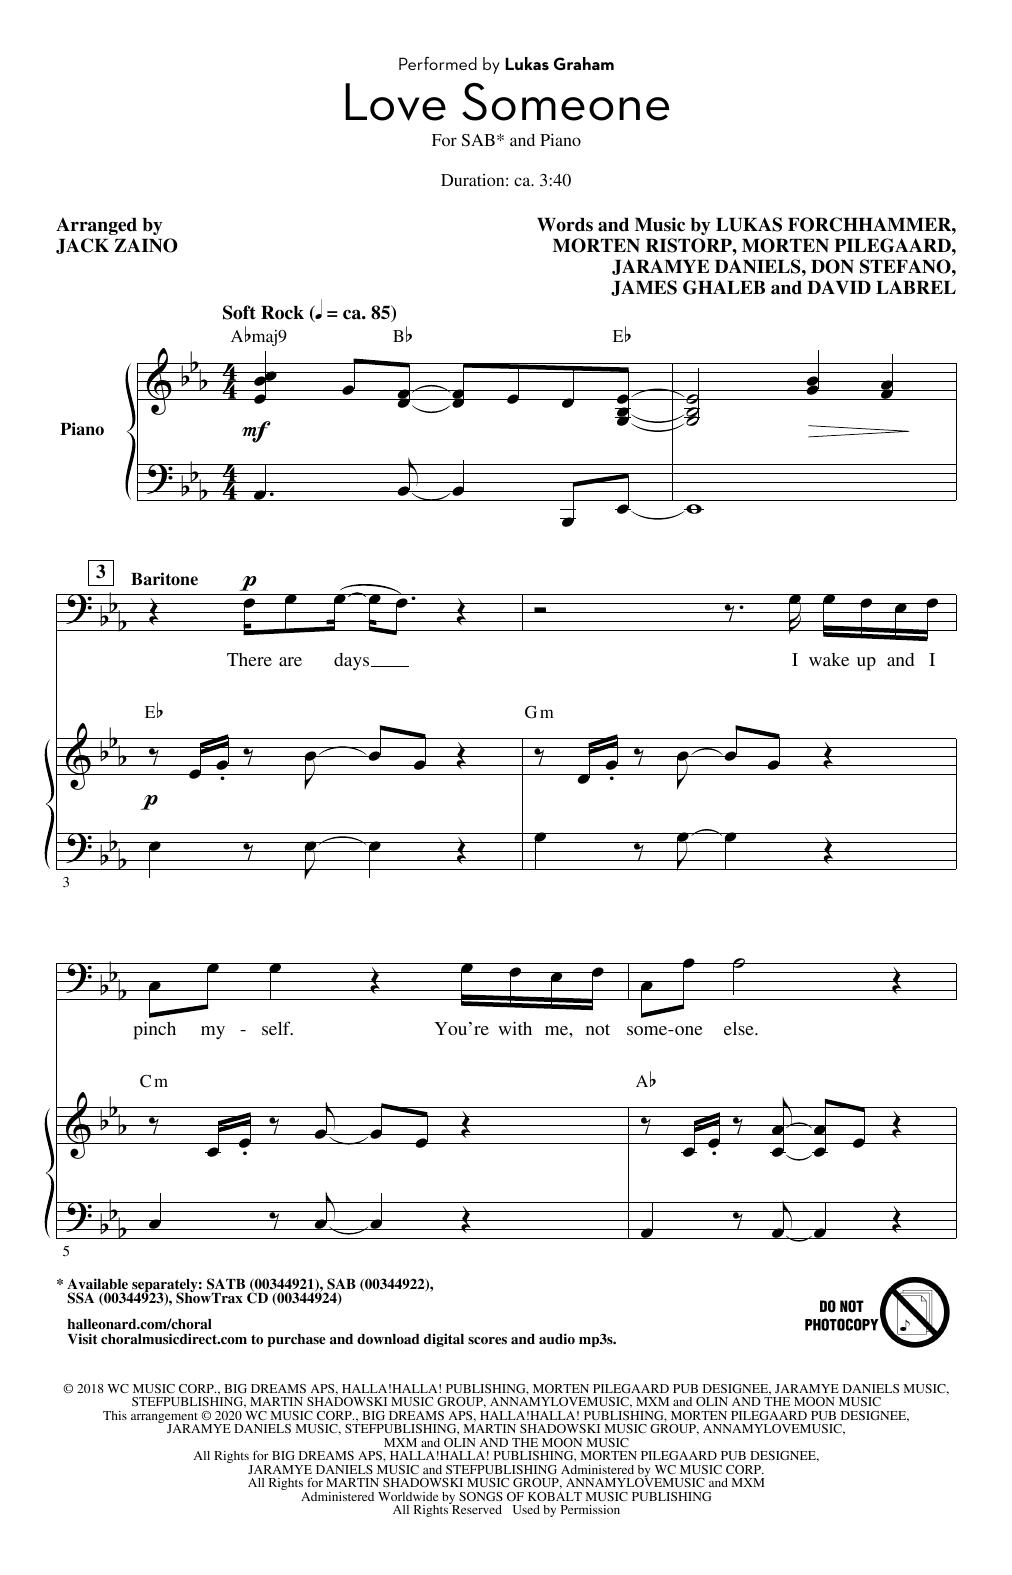 Love Someone (arr. Jack Zaino) (SAB Choir)